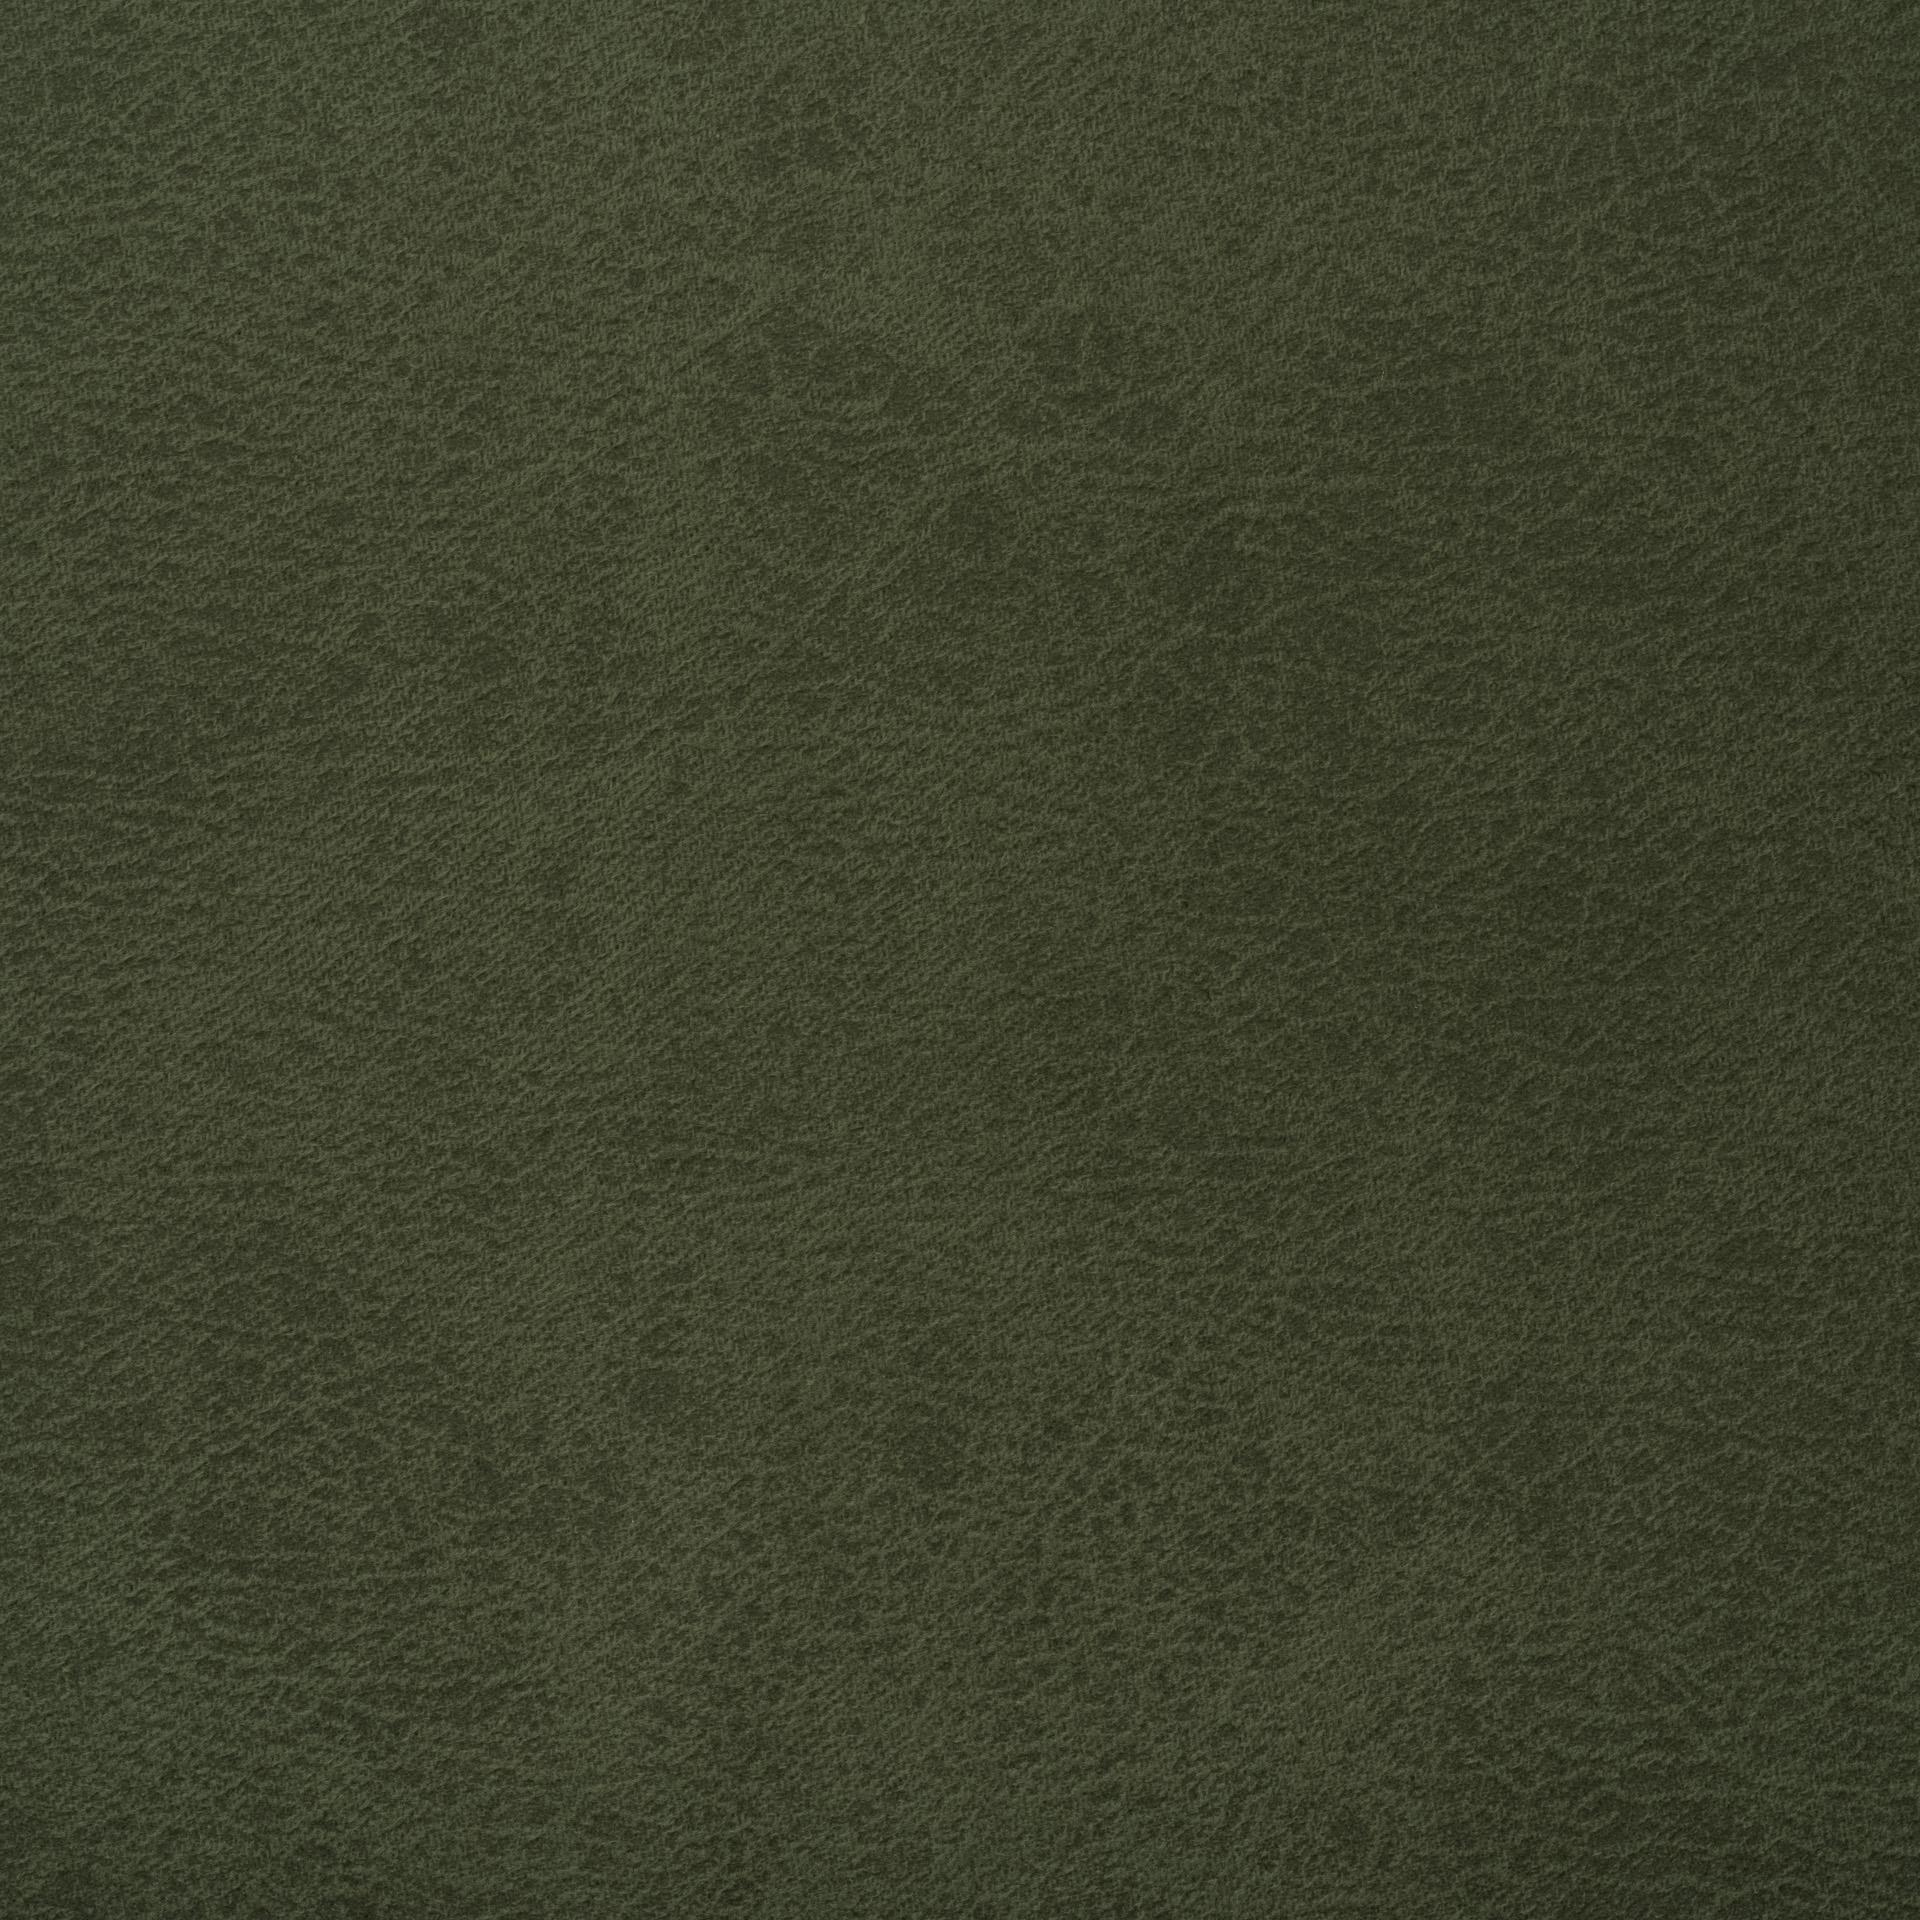 Коллекция ткани Лора 48,  купить ткань Велюр для мебели Украина